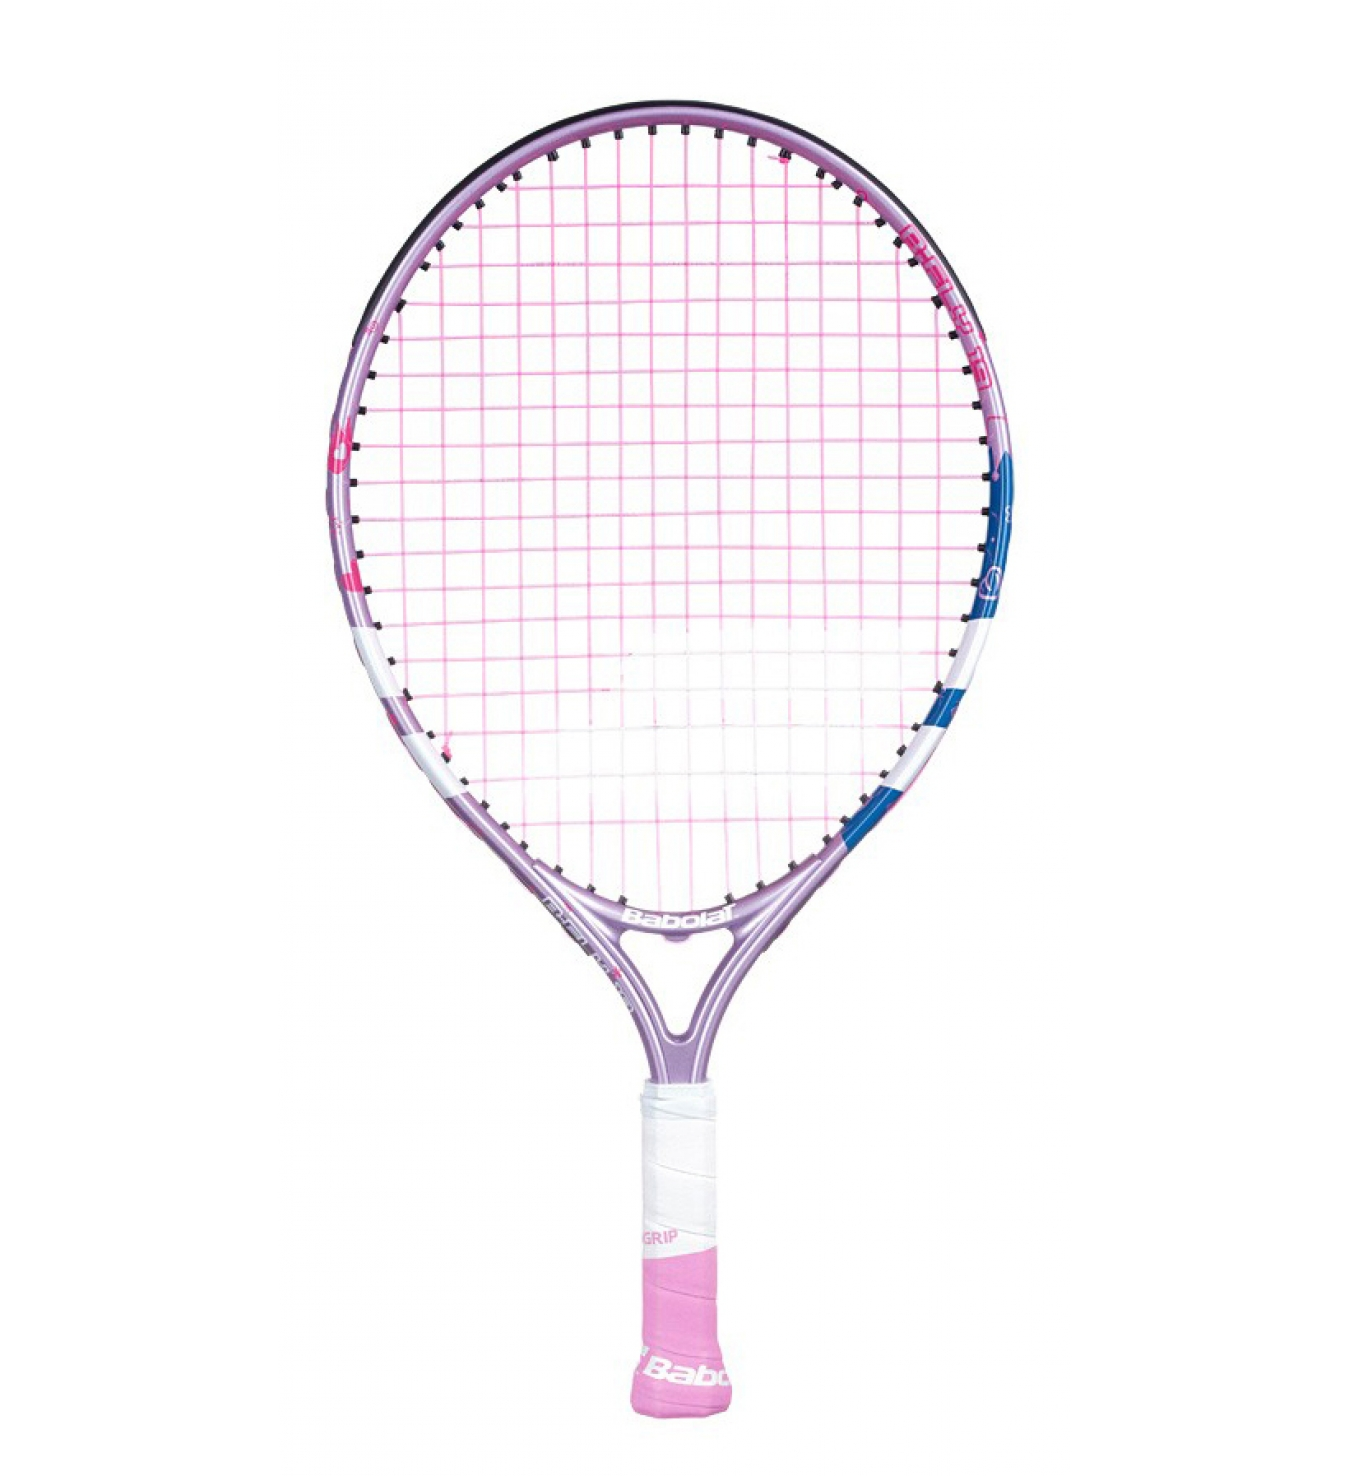 8430f9c252d Babolat B FLY 19 2019    Tenis-shop    Najväčší autorizovaný ...